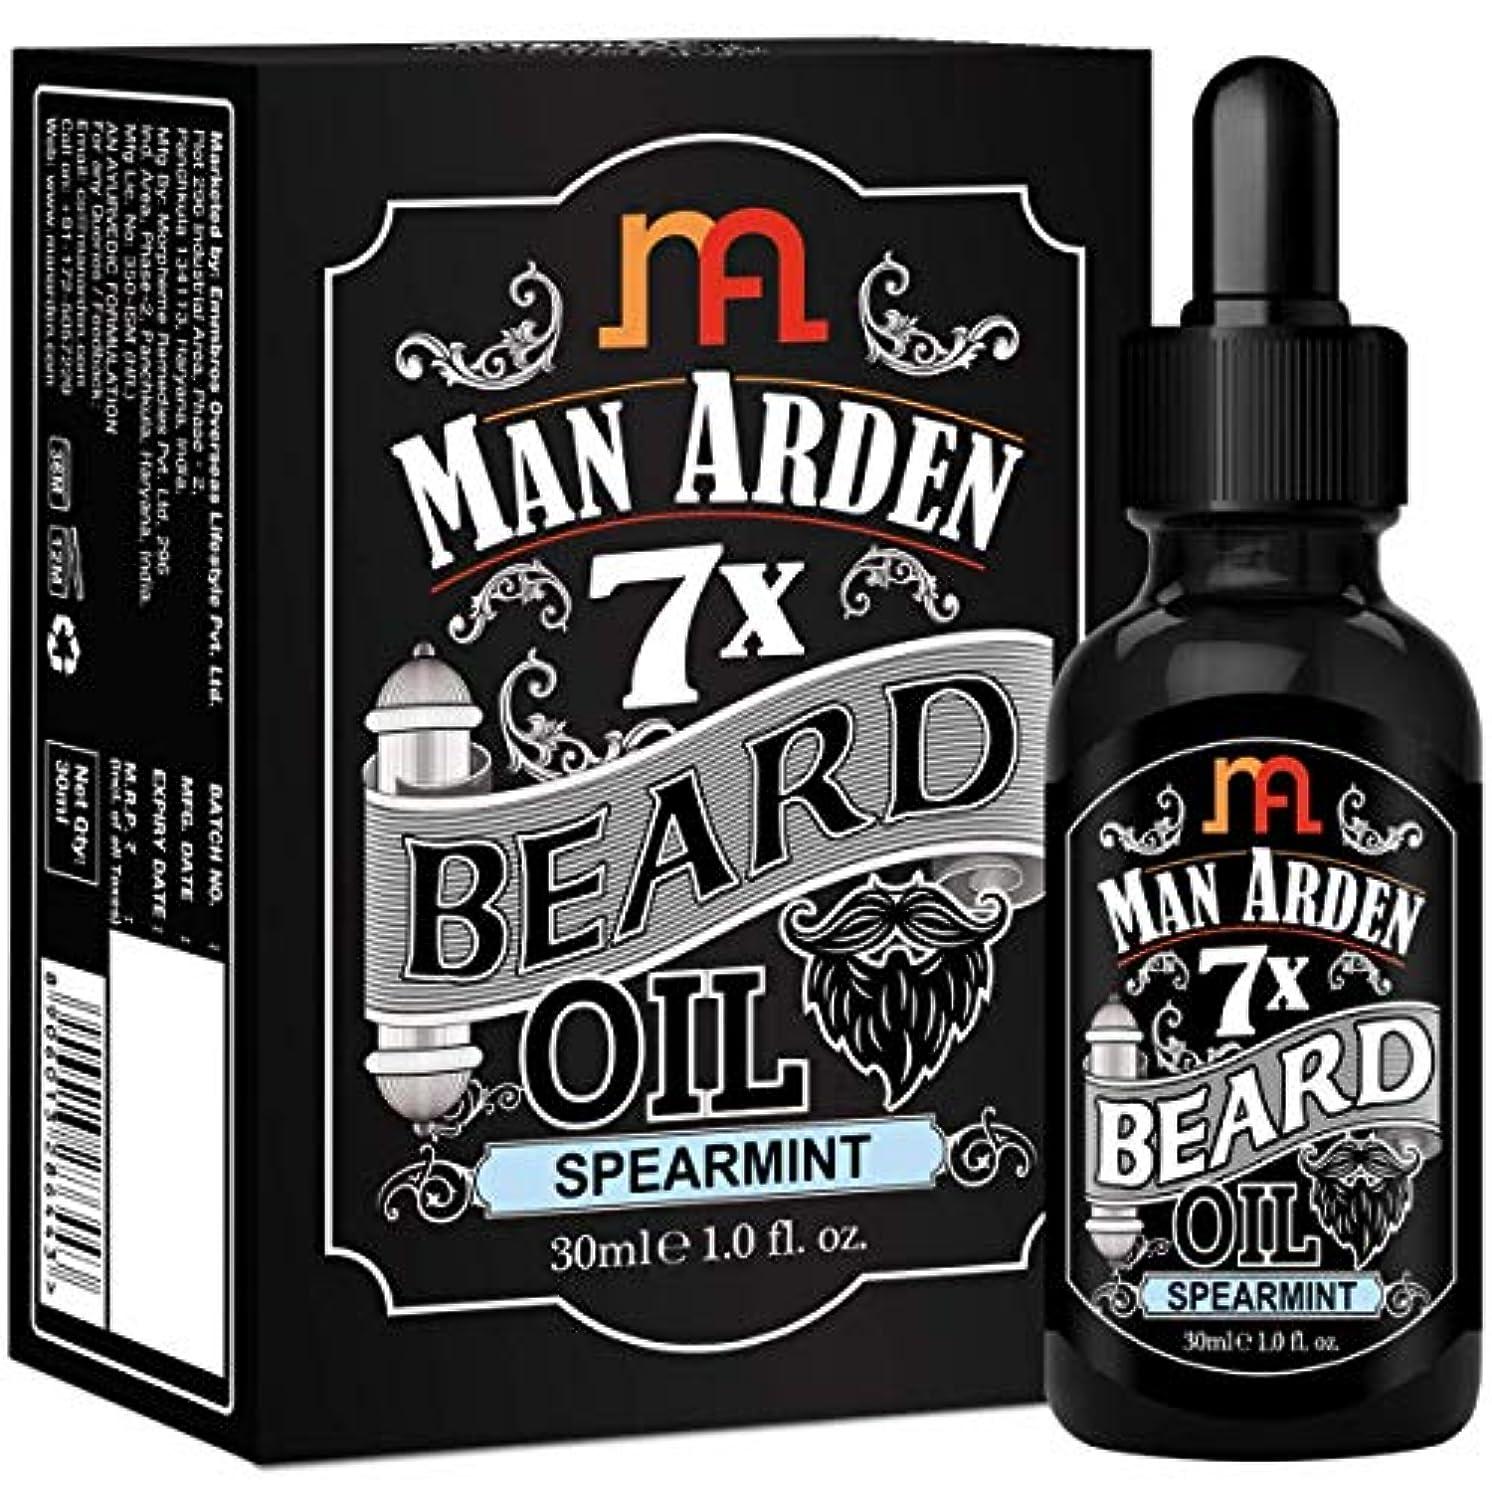 イライラする下る尊厳Man Arden 7X Beard Oil 30ml (Spearmint) - 7 Premium Oils For Beard Growth & Nourishment